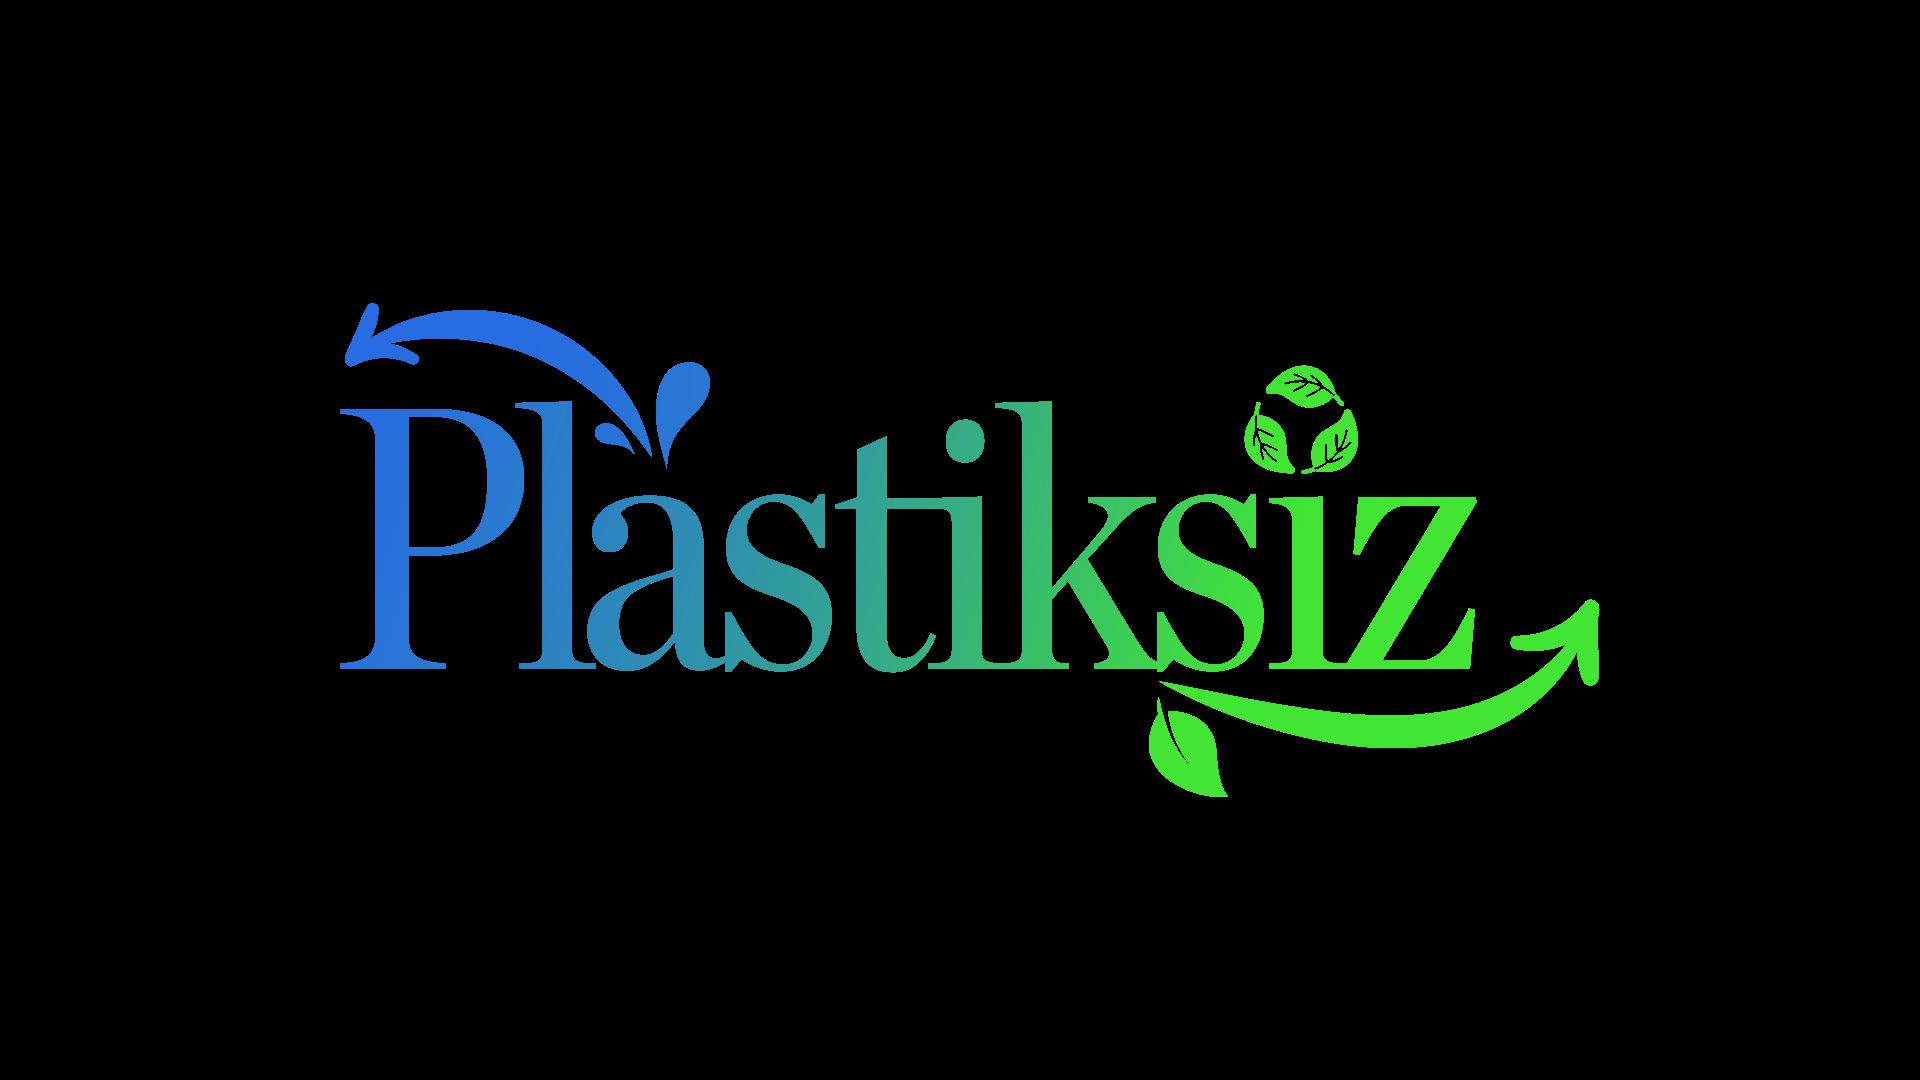 2019_12_13_mercedes-benz-turk-tek-kullanimlik-plastik-alimini-durduruyor-(3).jpg